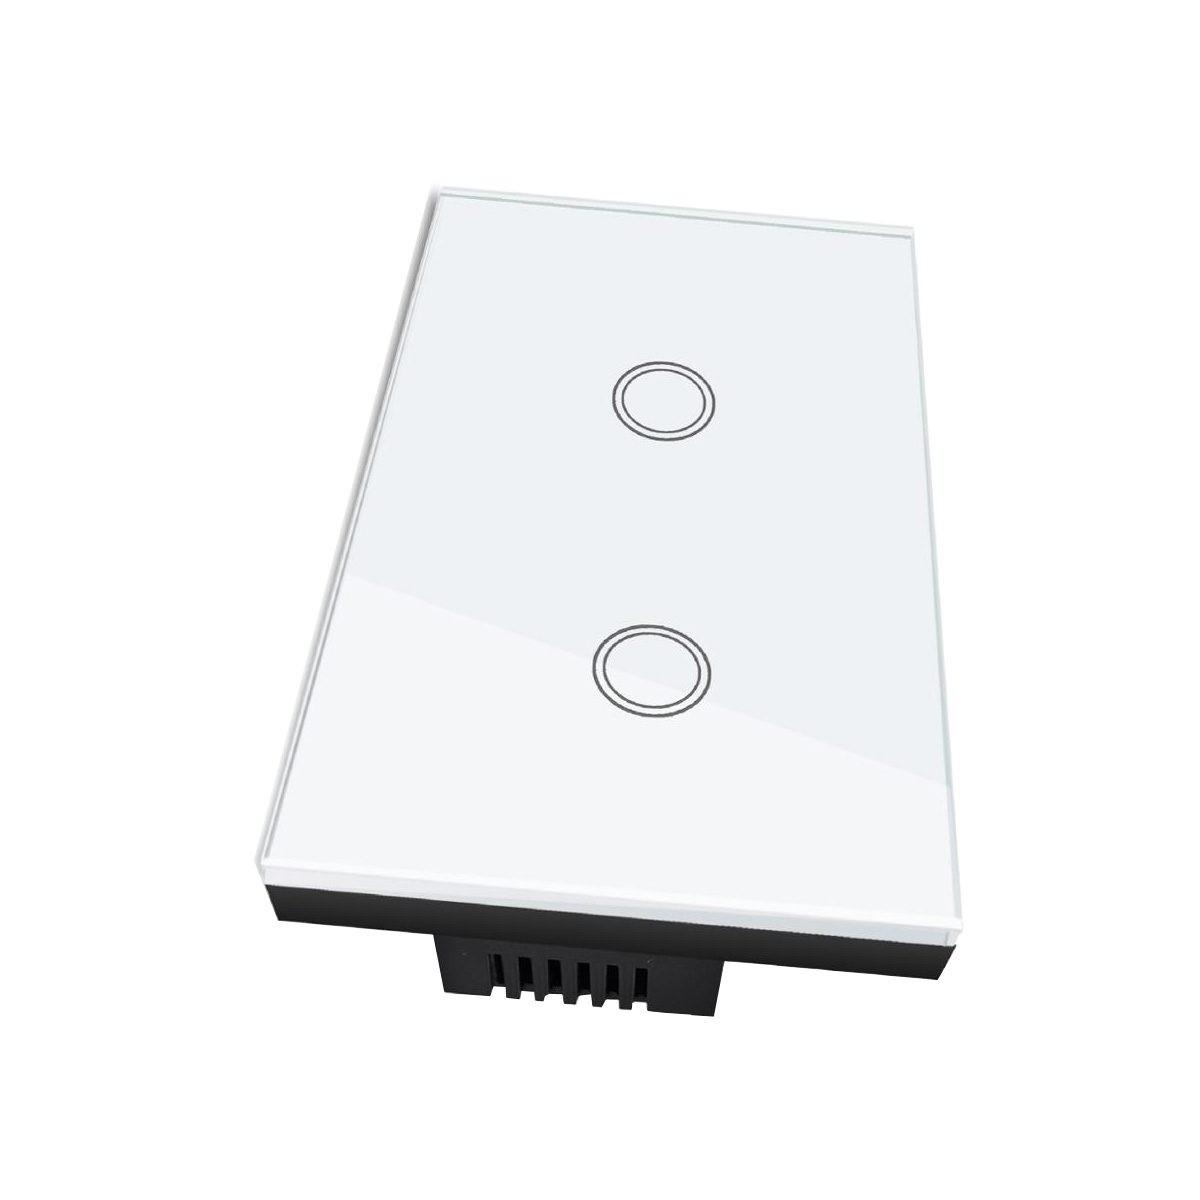 Switch inteligente - Alexa y Google Home - Modelo: GWDKG102